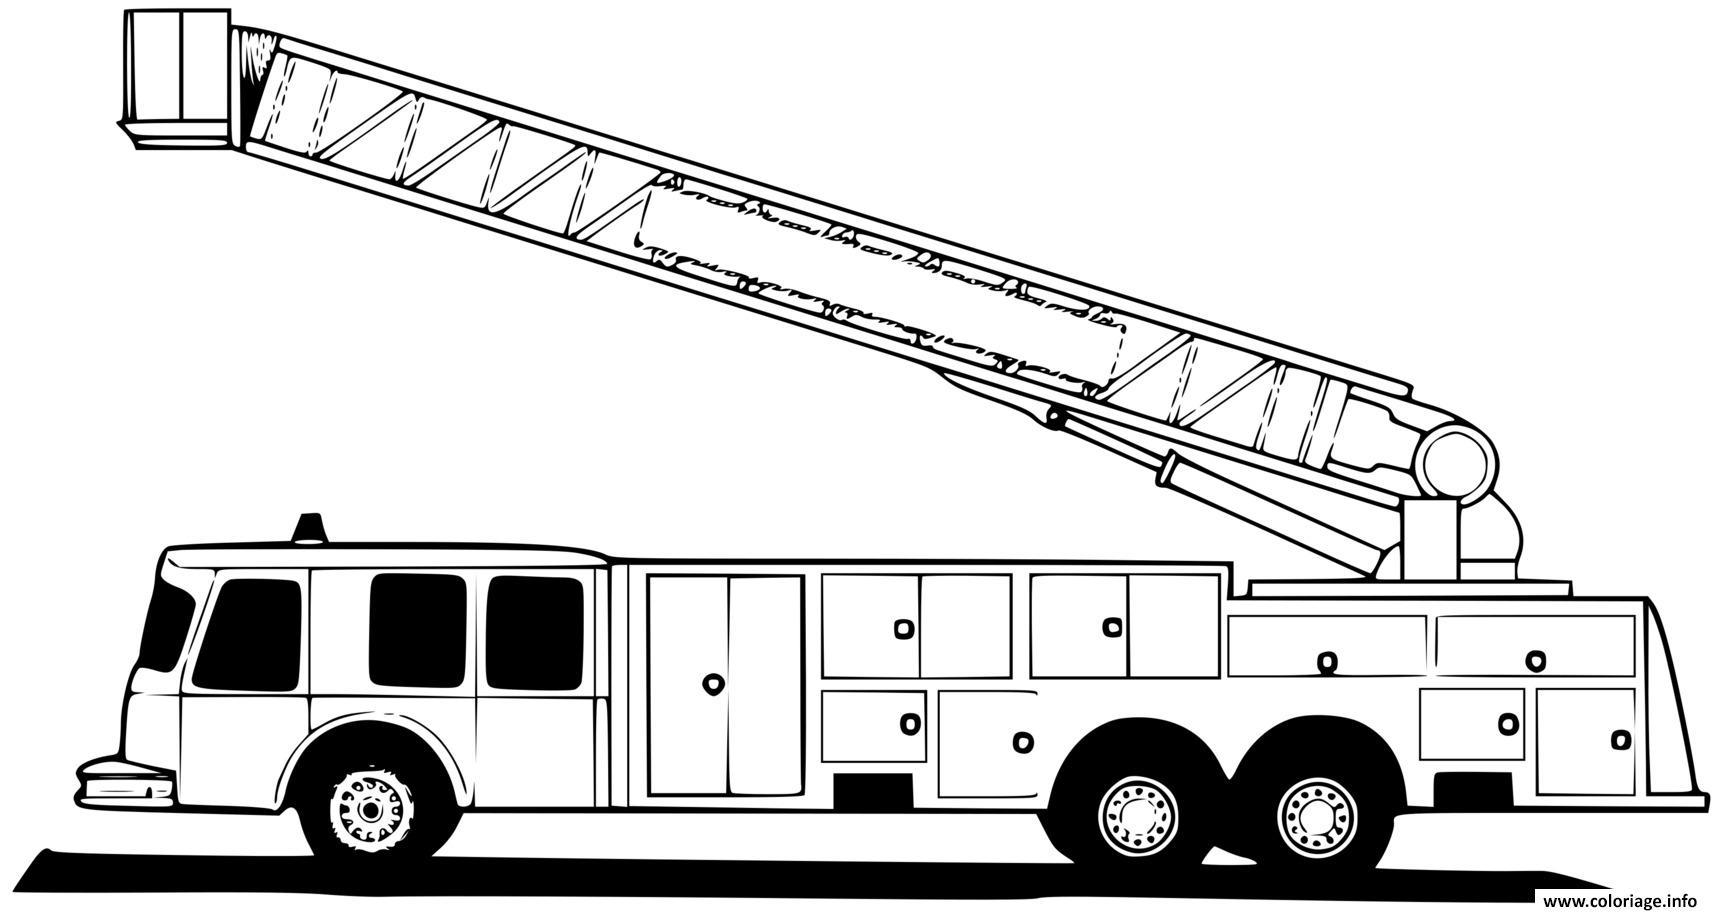 Dessin la grande echelle des pompiers Coloriage Gratuit à Imprimer